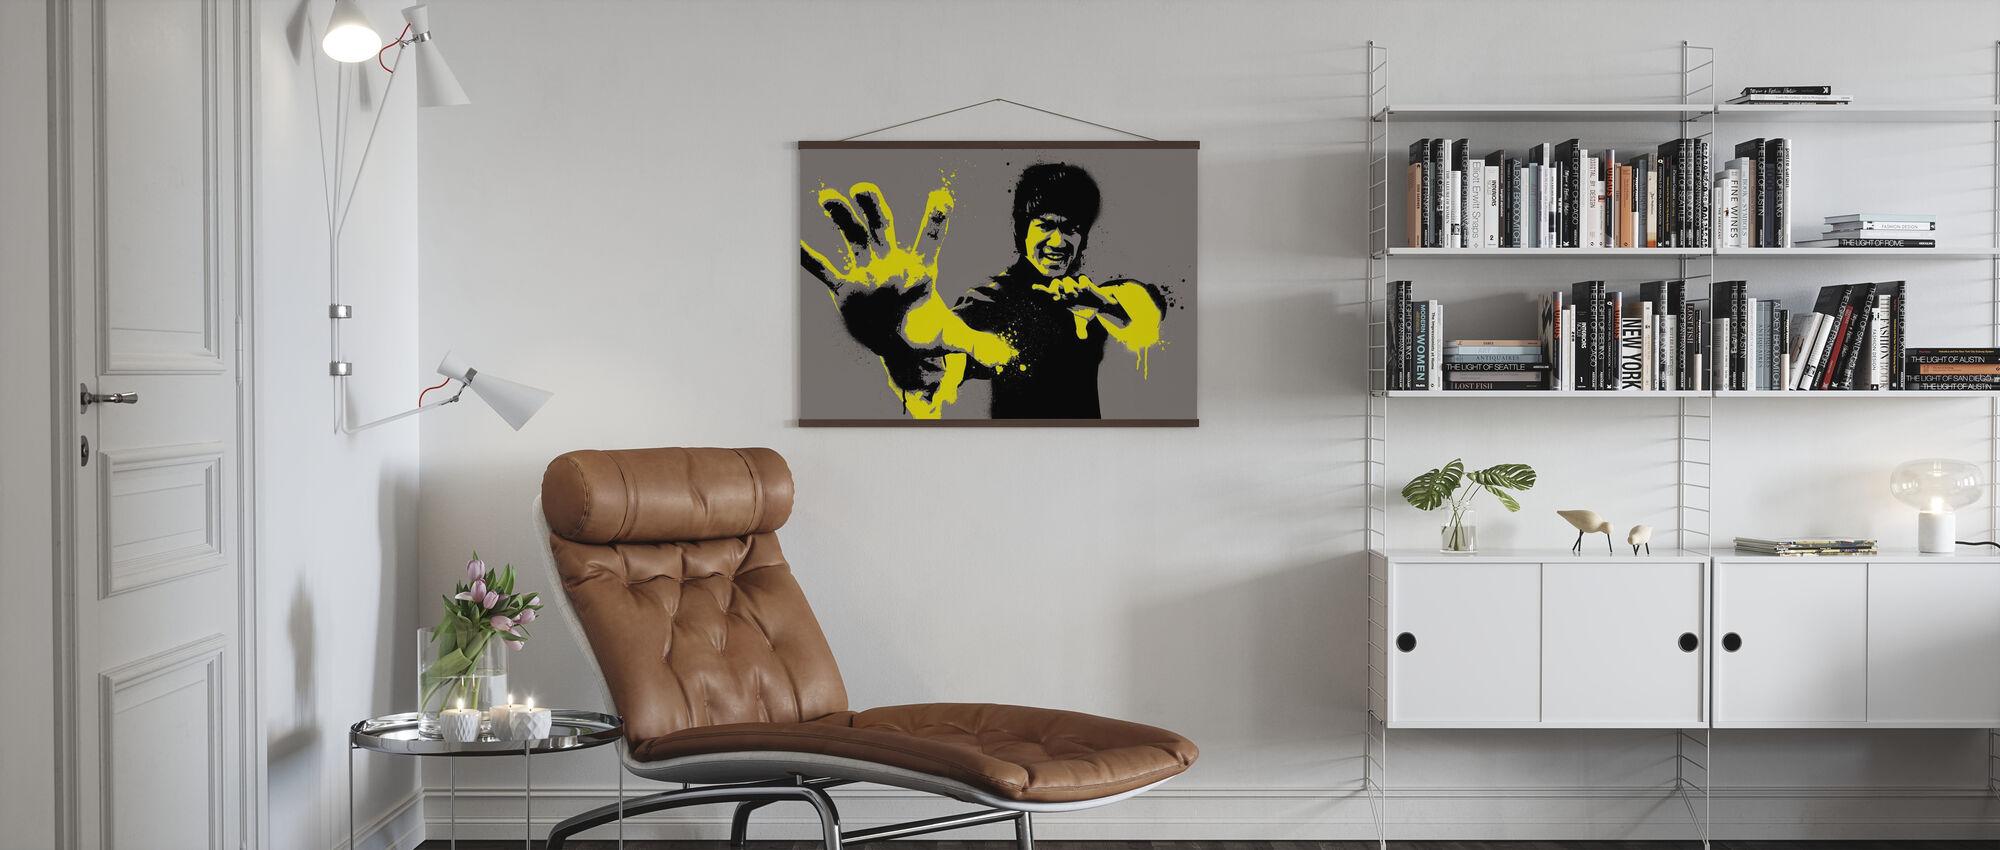 Bruce - Poster - Living Room